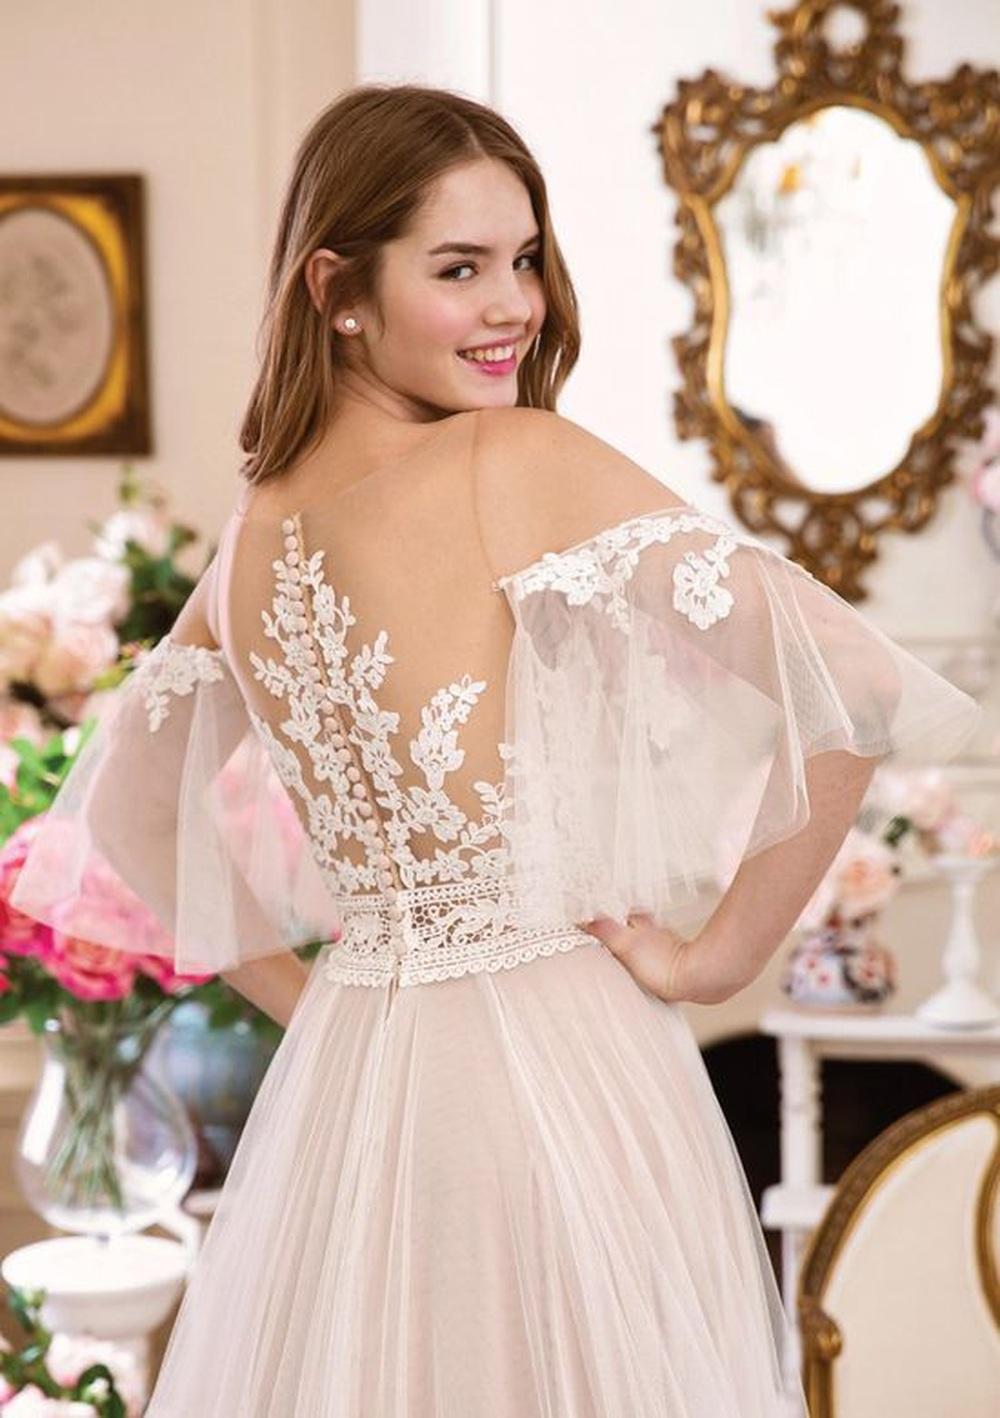 Sweetheart in Brautkleider